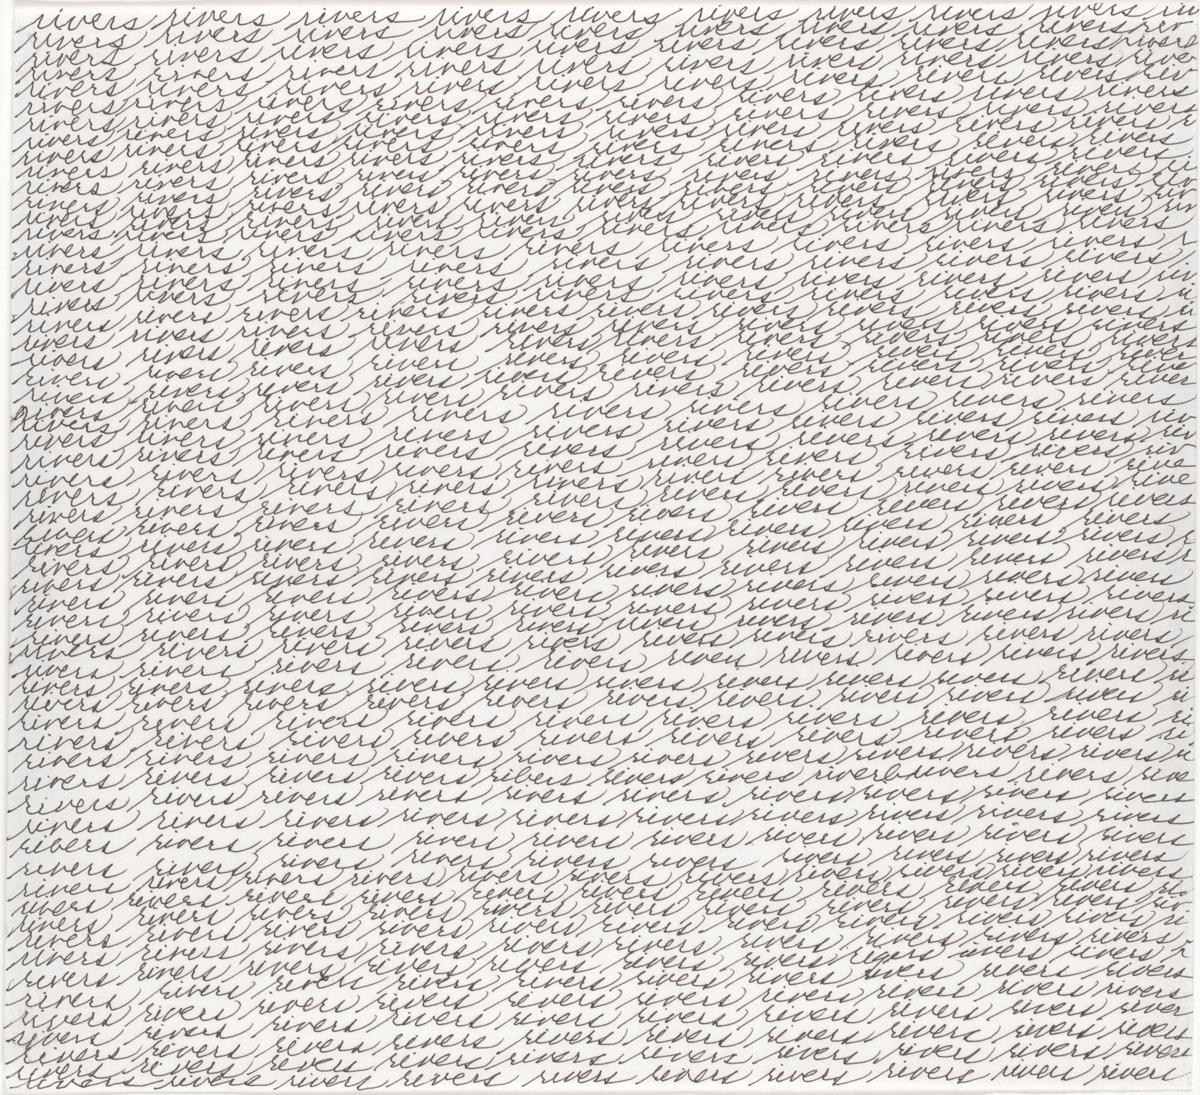 Maren Hassinger, Rivers, 2007. Tinta sobre papel. Enmarcado: 14 ¼ x 13 ¼ x 1 ¼ pulgadas. Cortesía del Artista.